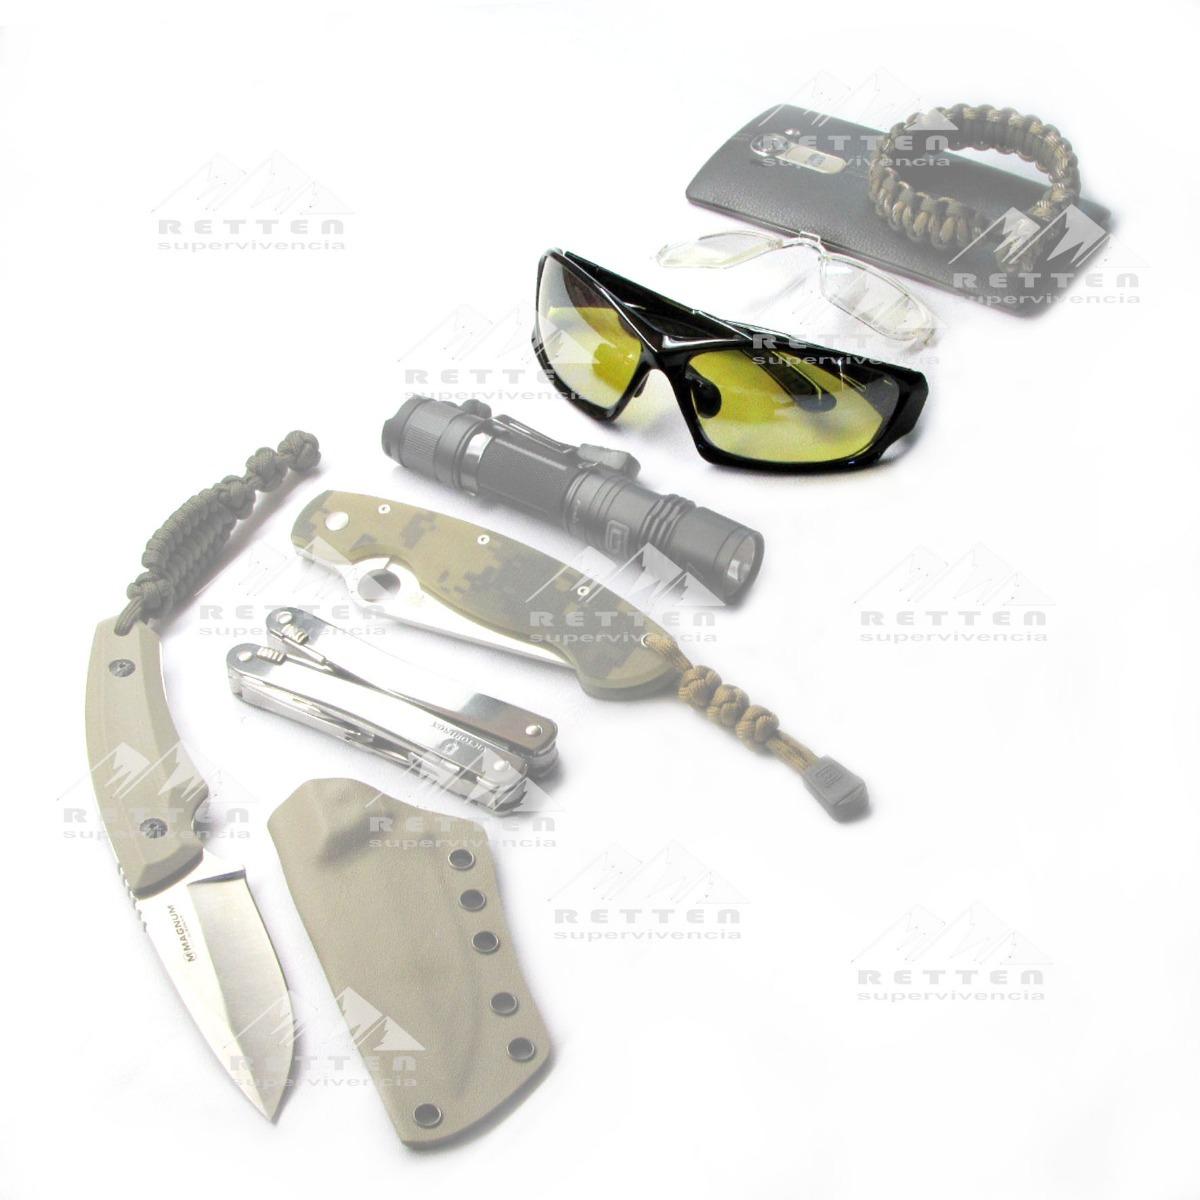 4776716f55 anteojos deportivo protector ambar yt10 tiro manejo ciclismo. Cargando zoom.